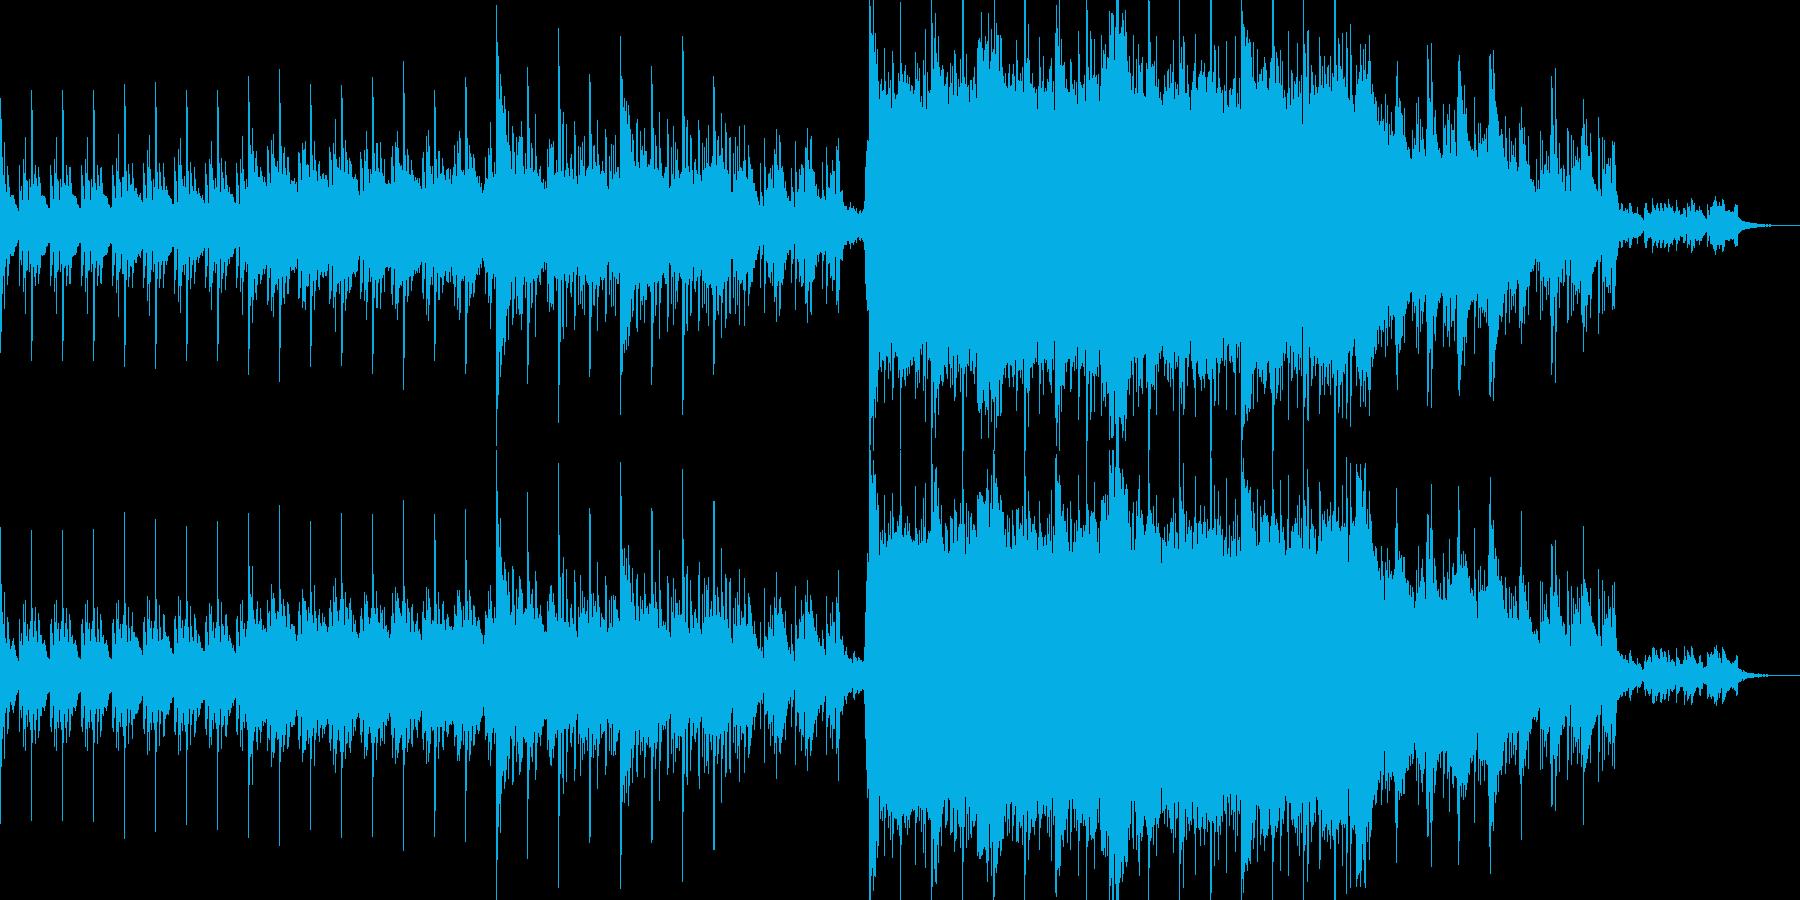 壮大なイメージの和風テイストの曲の再生済みの波形